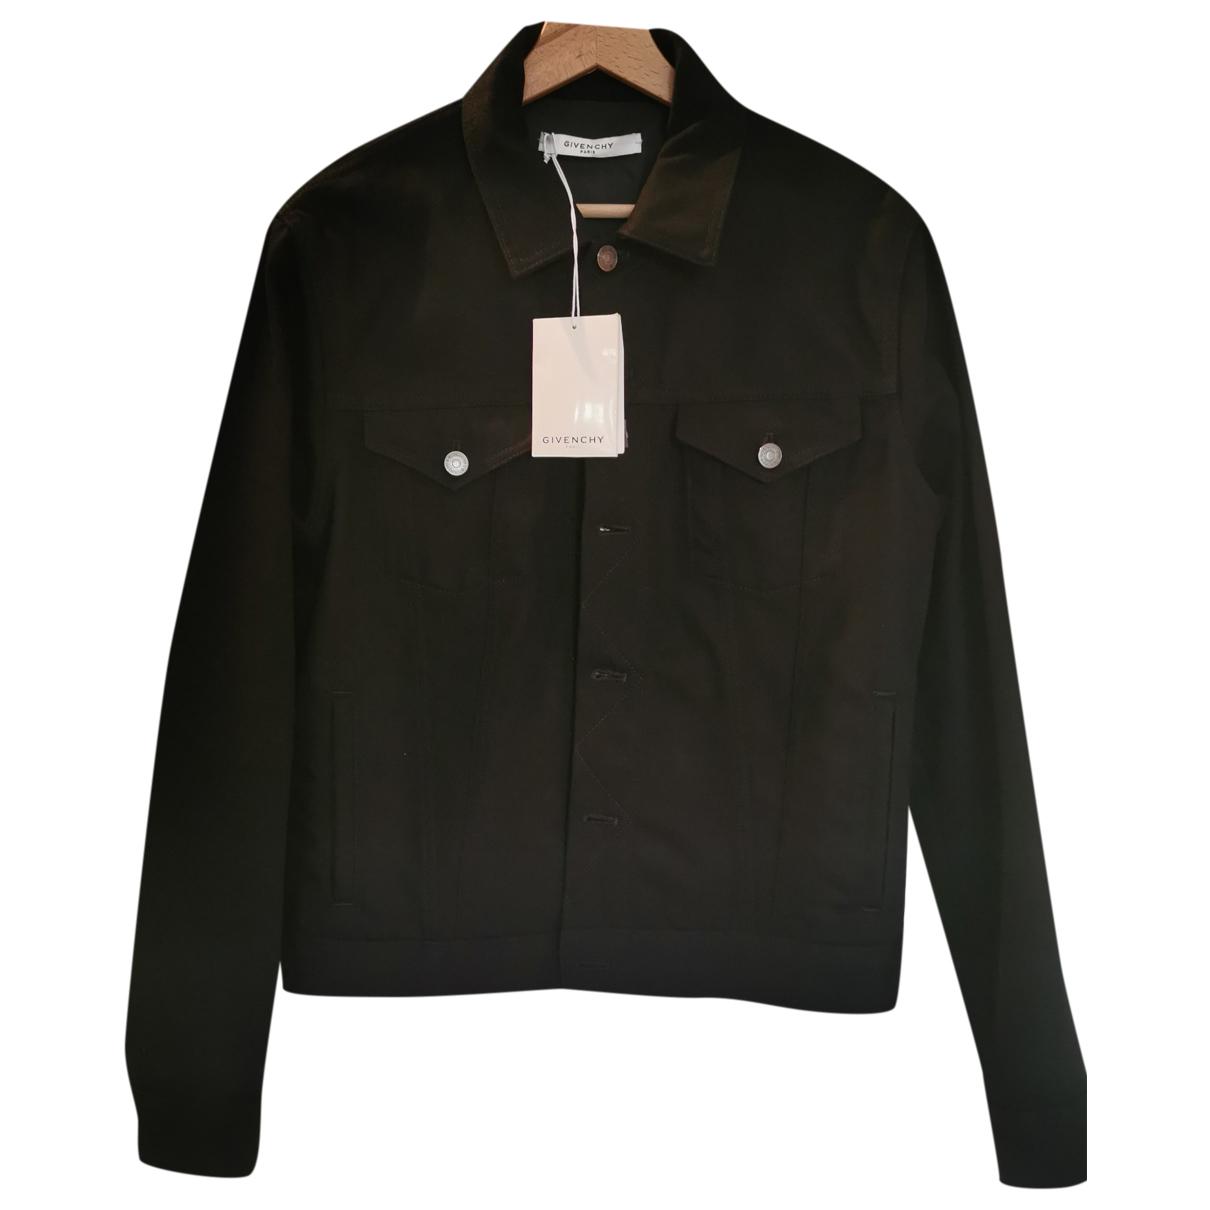 Givenchy - Vestes.Blousons   pour homme en denim - noir